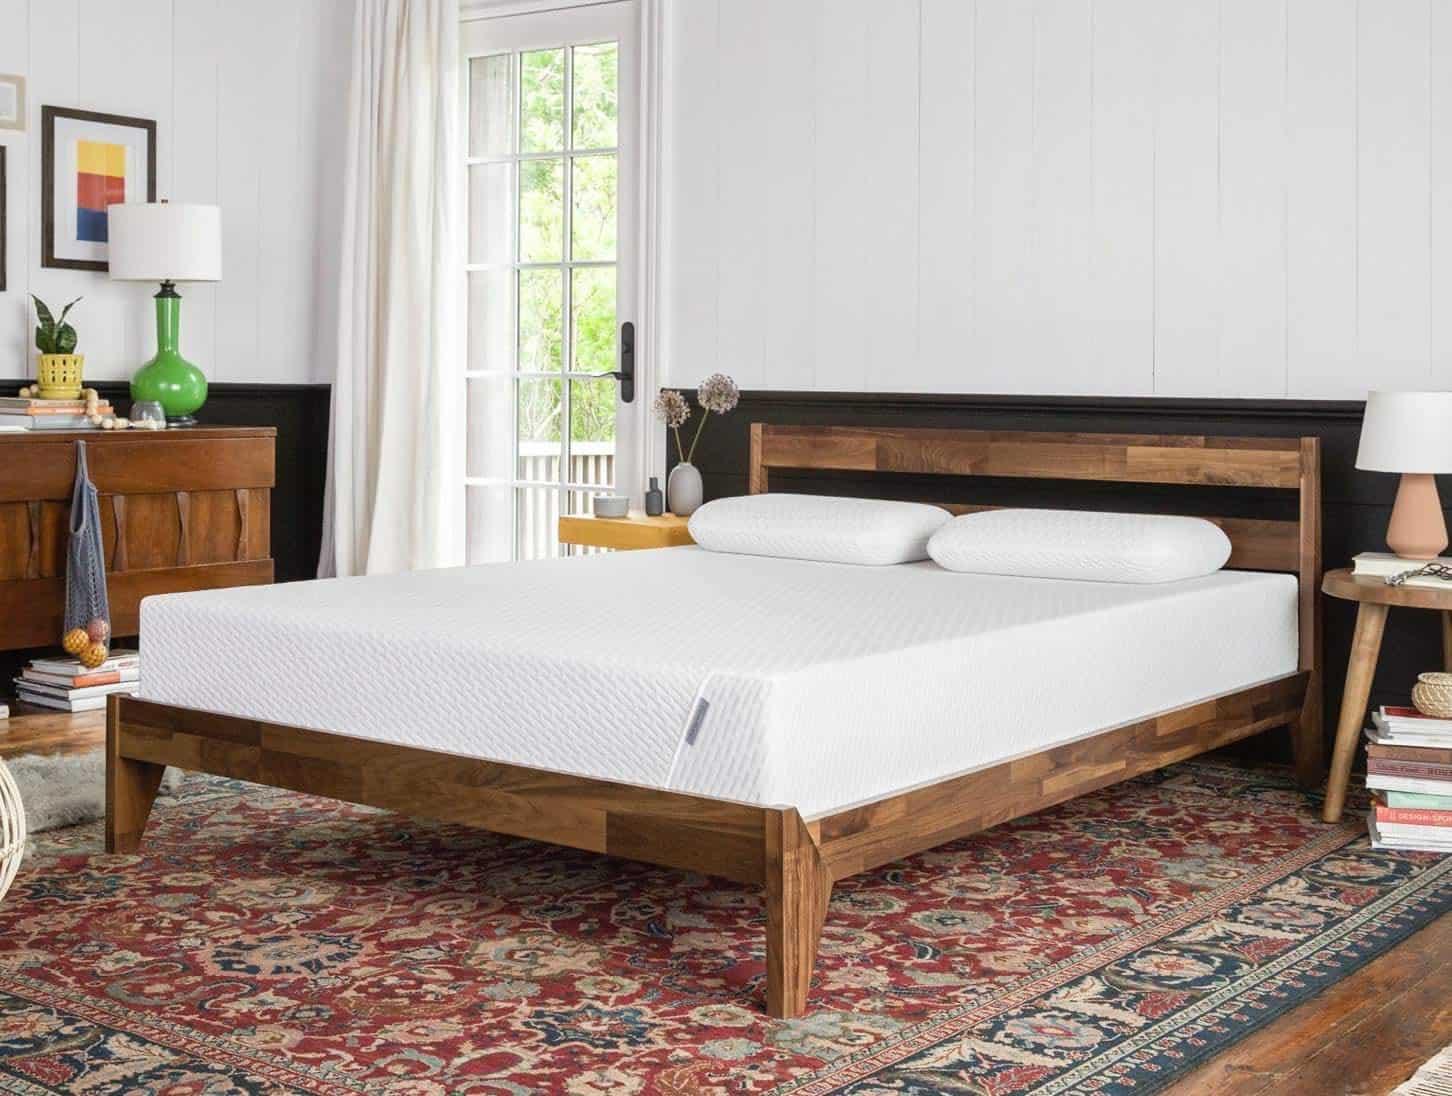 Tuft & Needle Anti-Snoring Mattress